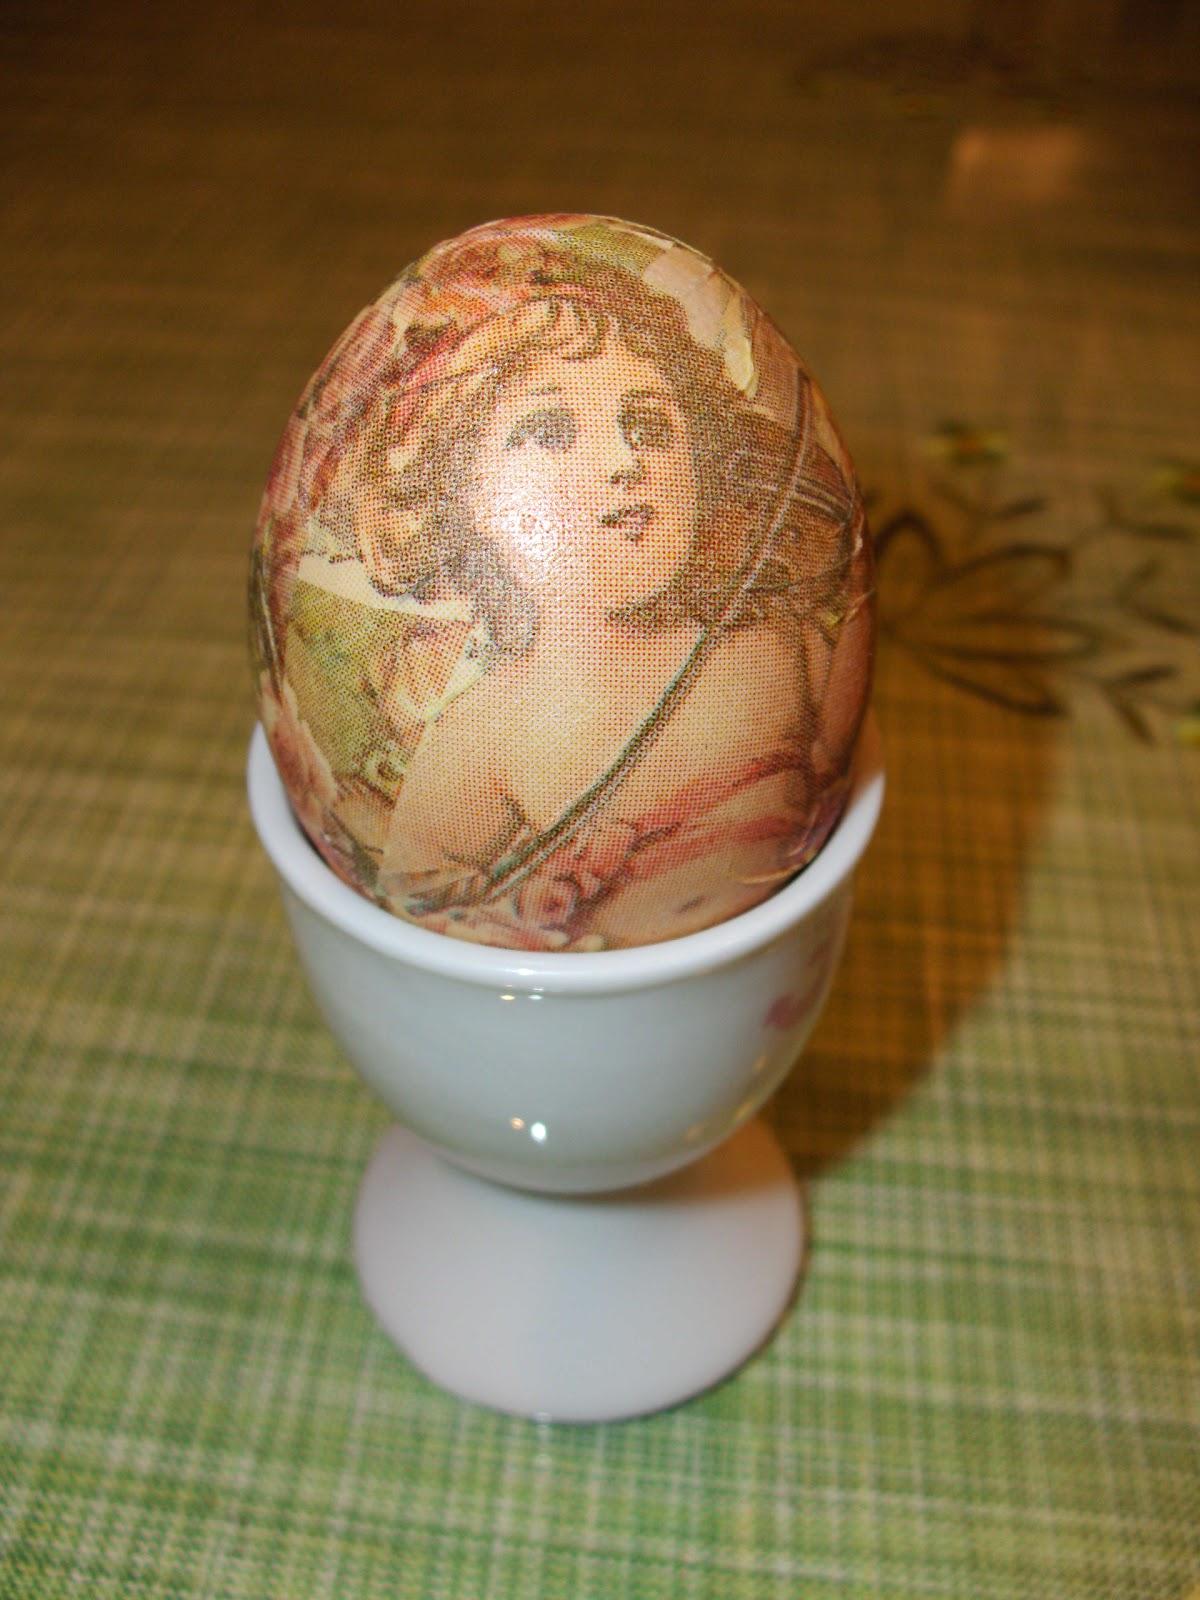 Ντεκουπάζ σε πασχαλινά αυγά με το ασπράδι τους